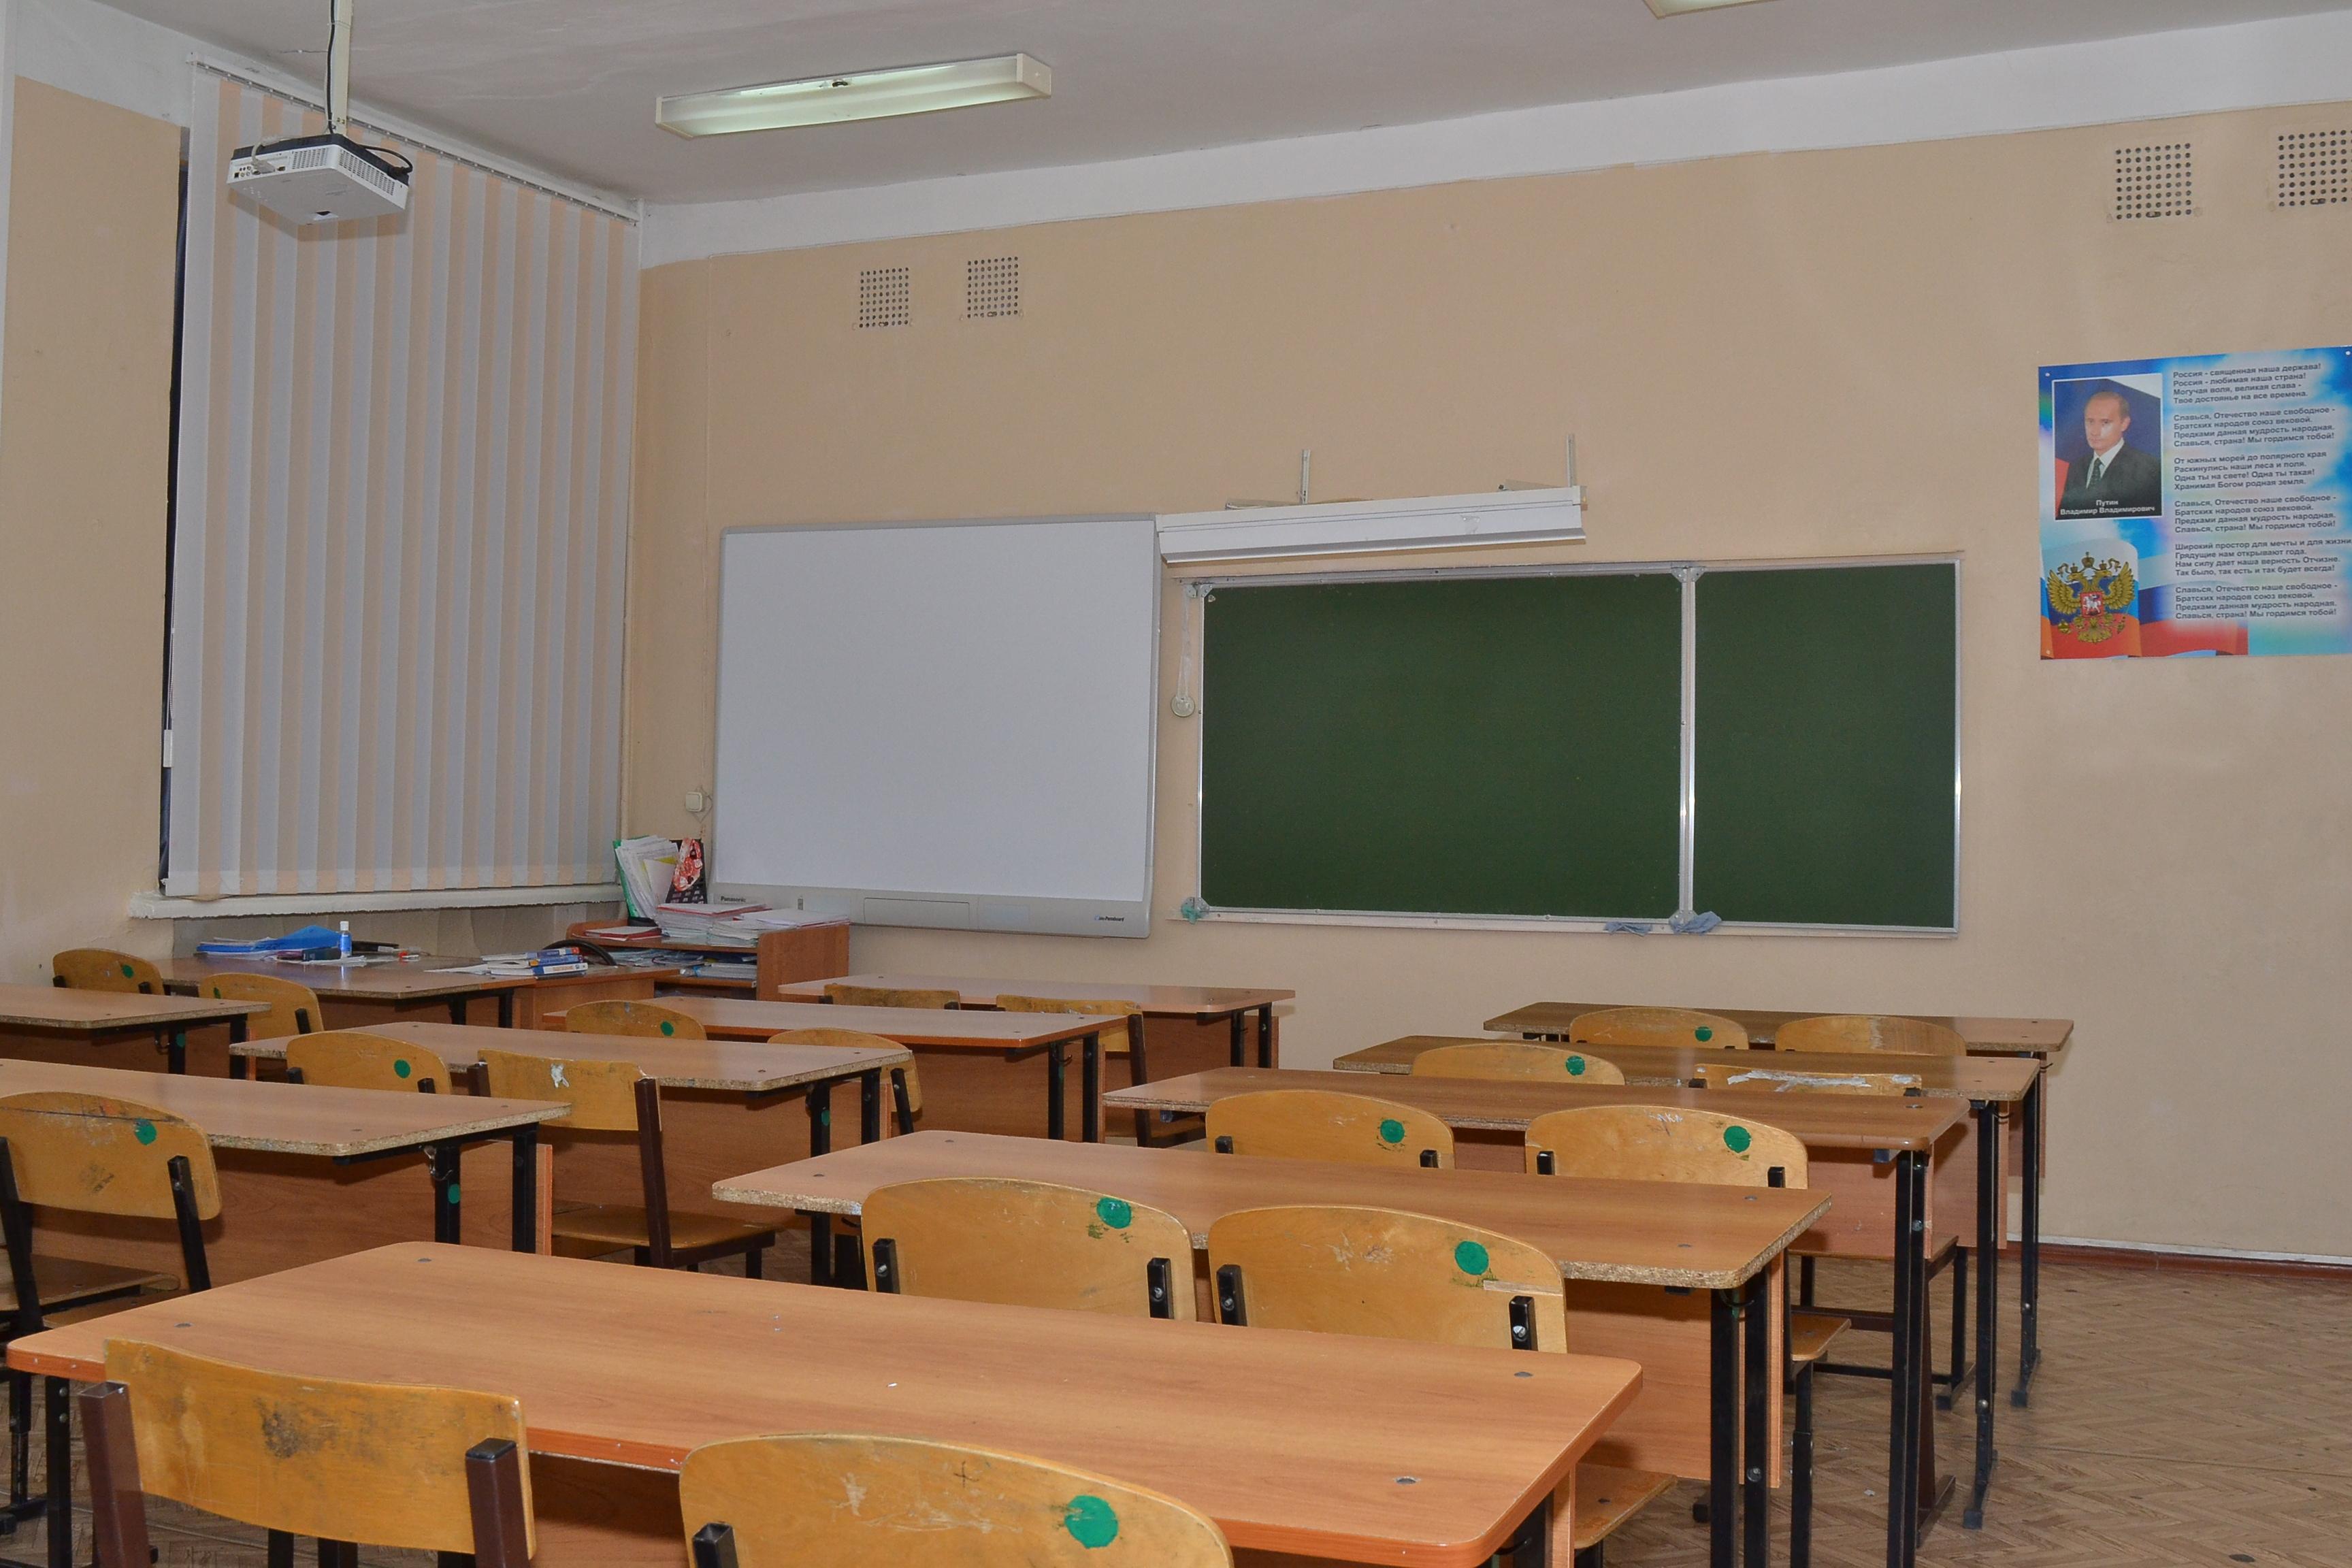 Кабинет № 38 - история и обществознание